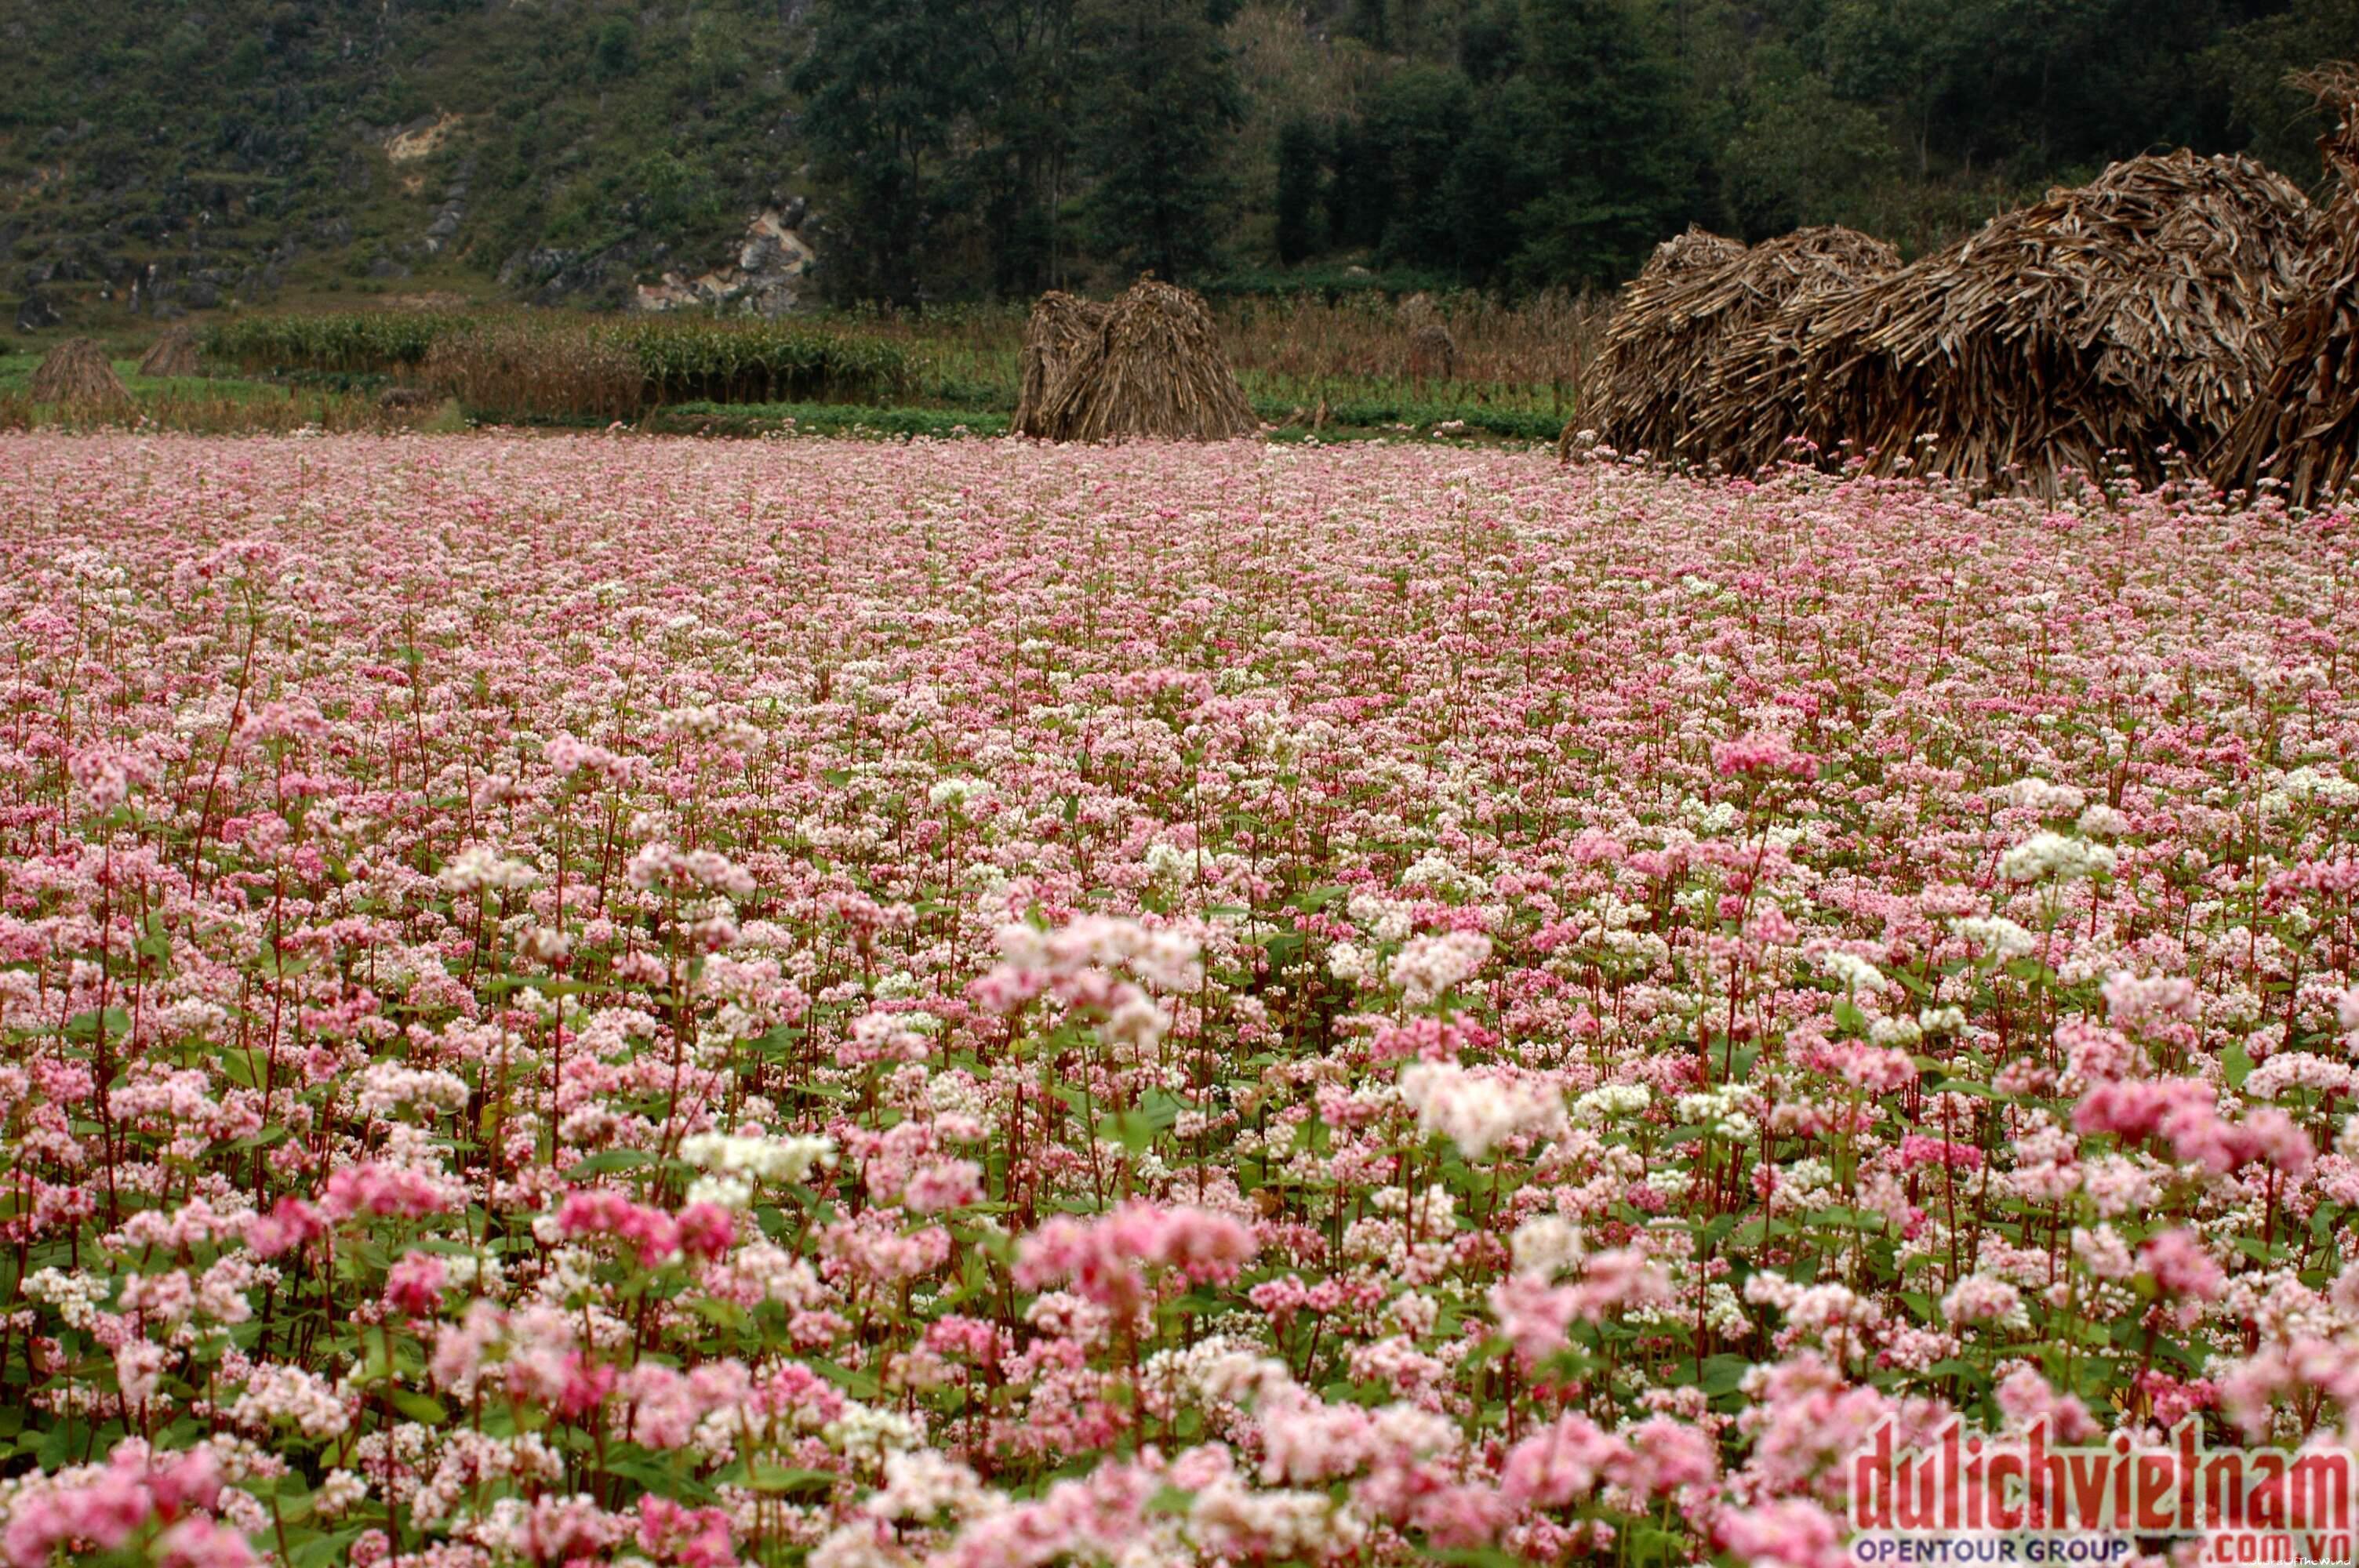 Mộc châu mùa hoa tam giác mạch